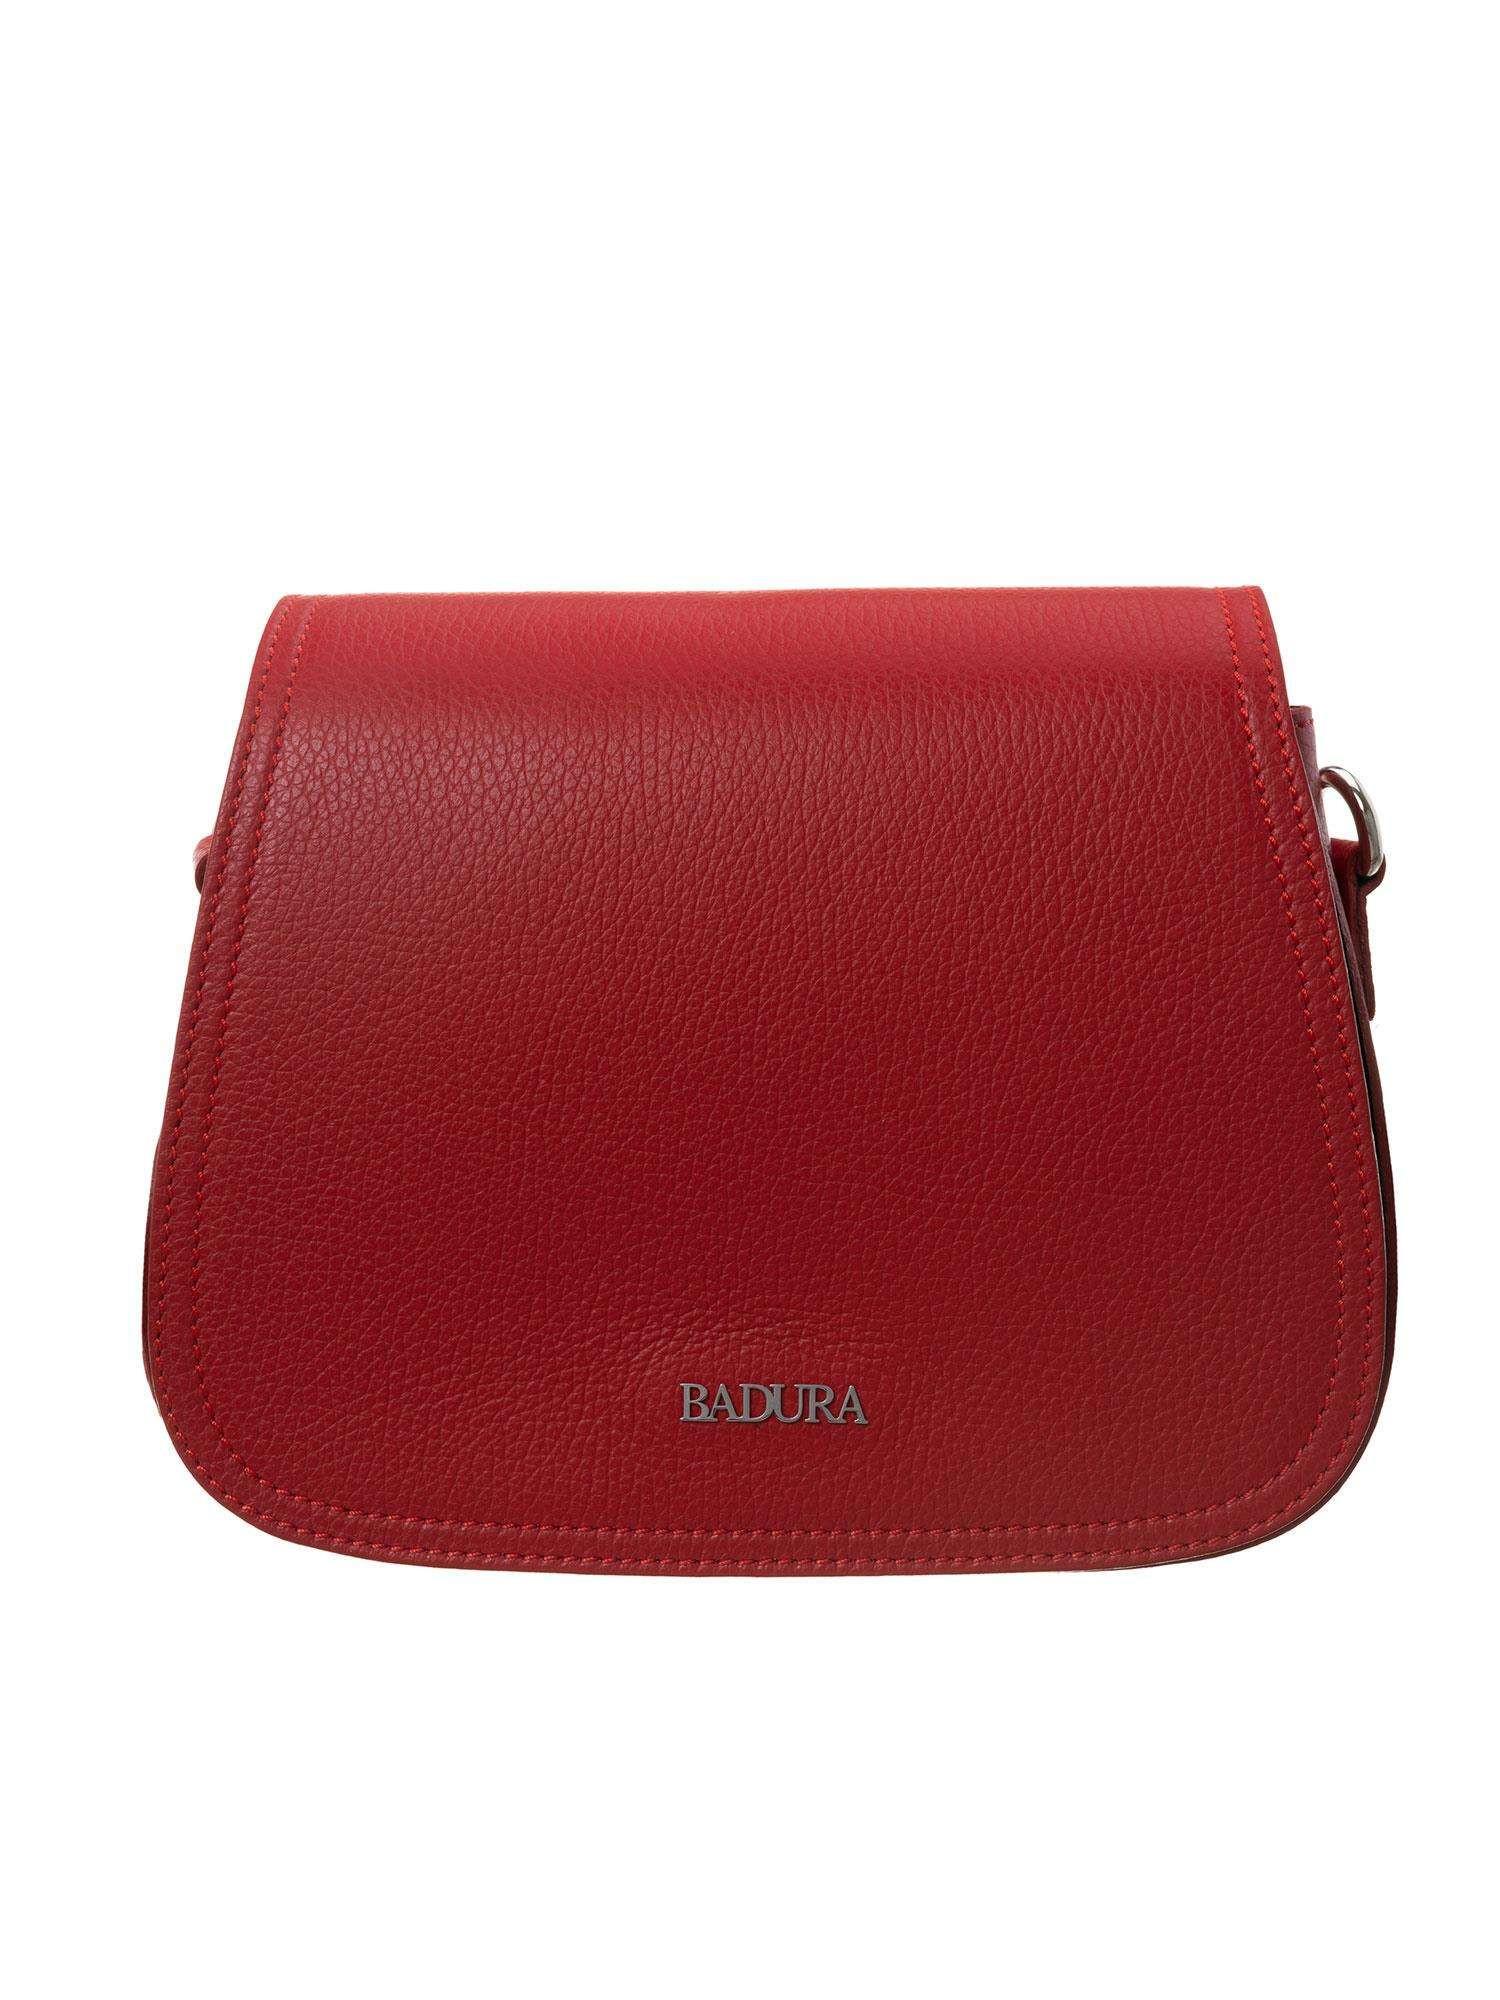 Kožená kabelka Badura červená one size